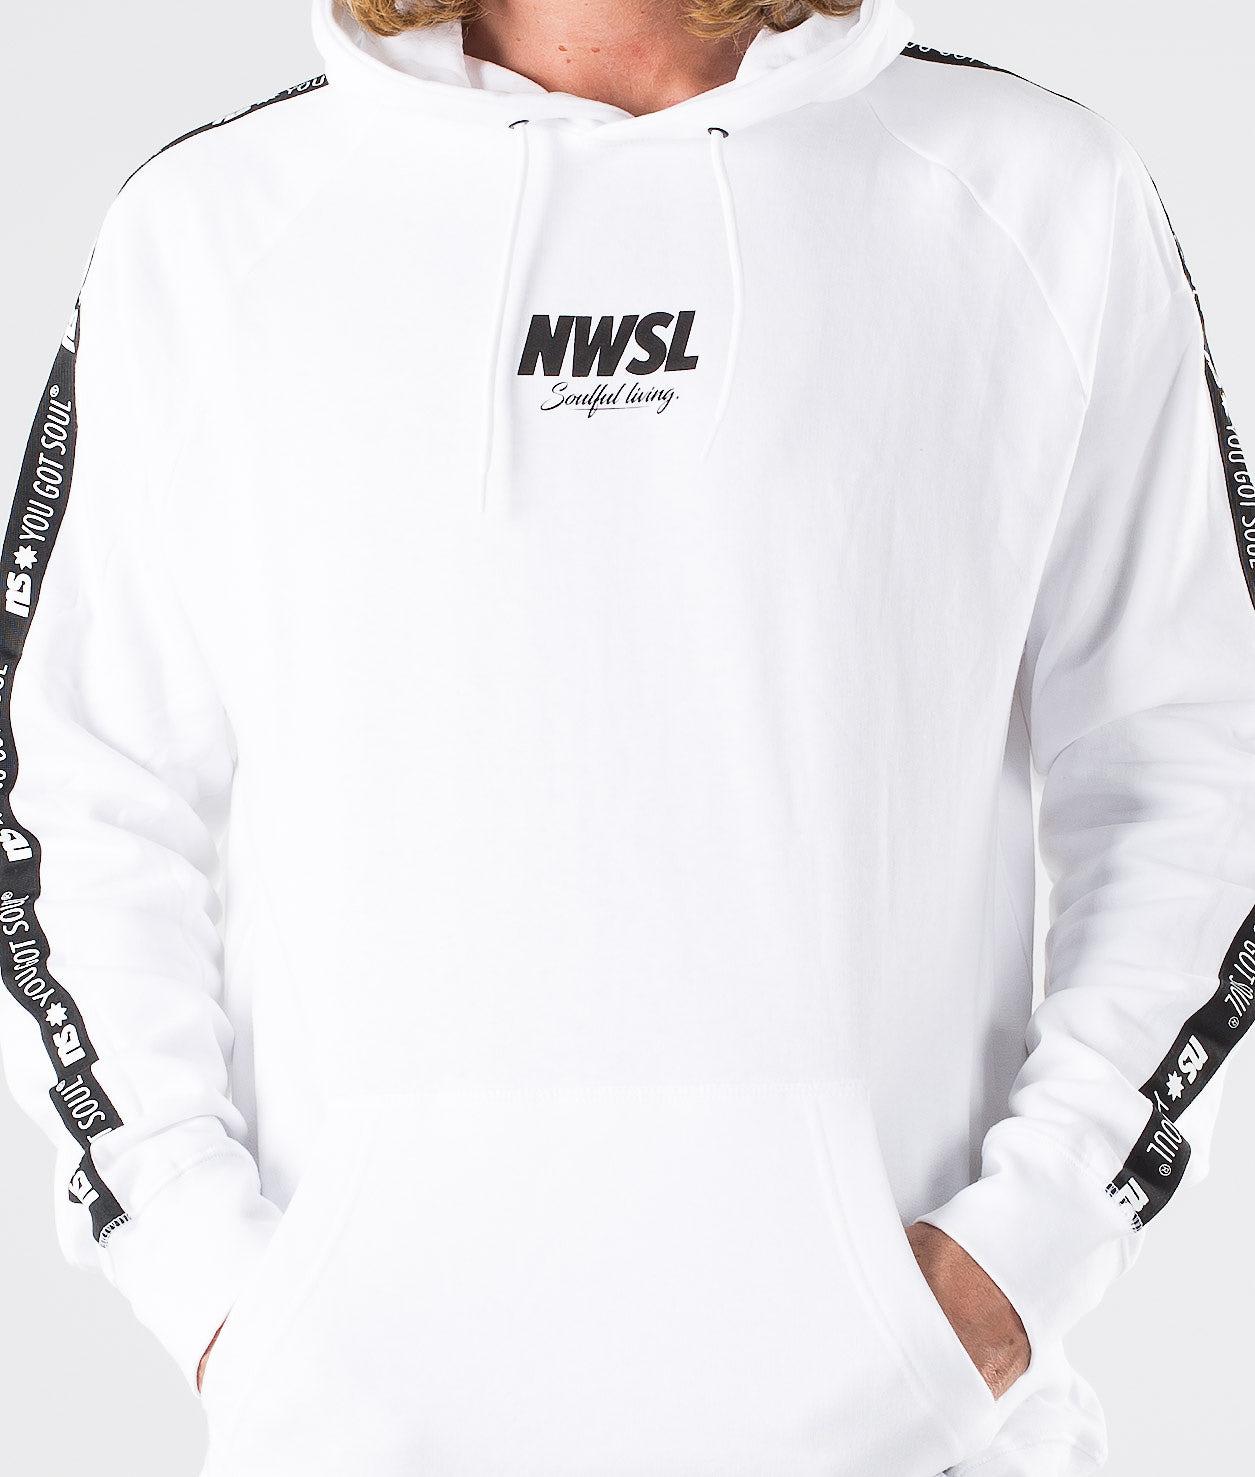 Kjøp NWSL II Hood fra Newsoul på Ridestore.no - Hos oss har du alltid fri frakt, fri retur og 30 dagers åpent kjøp!